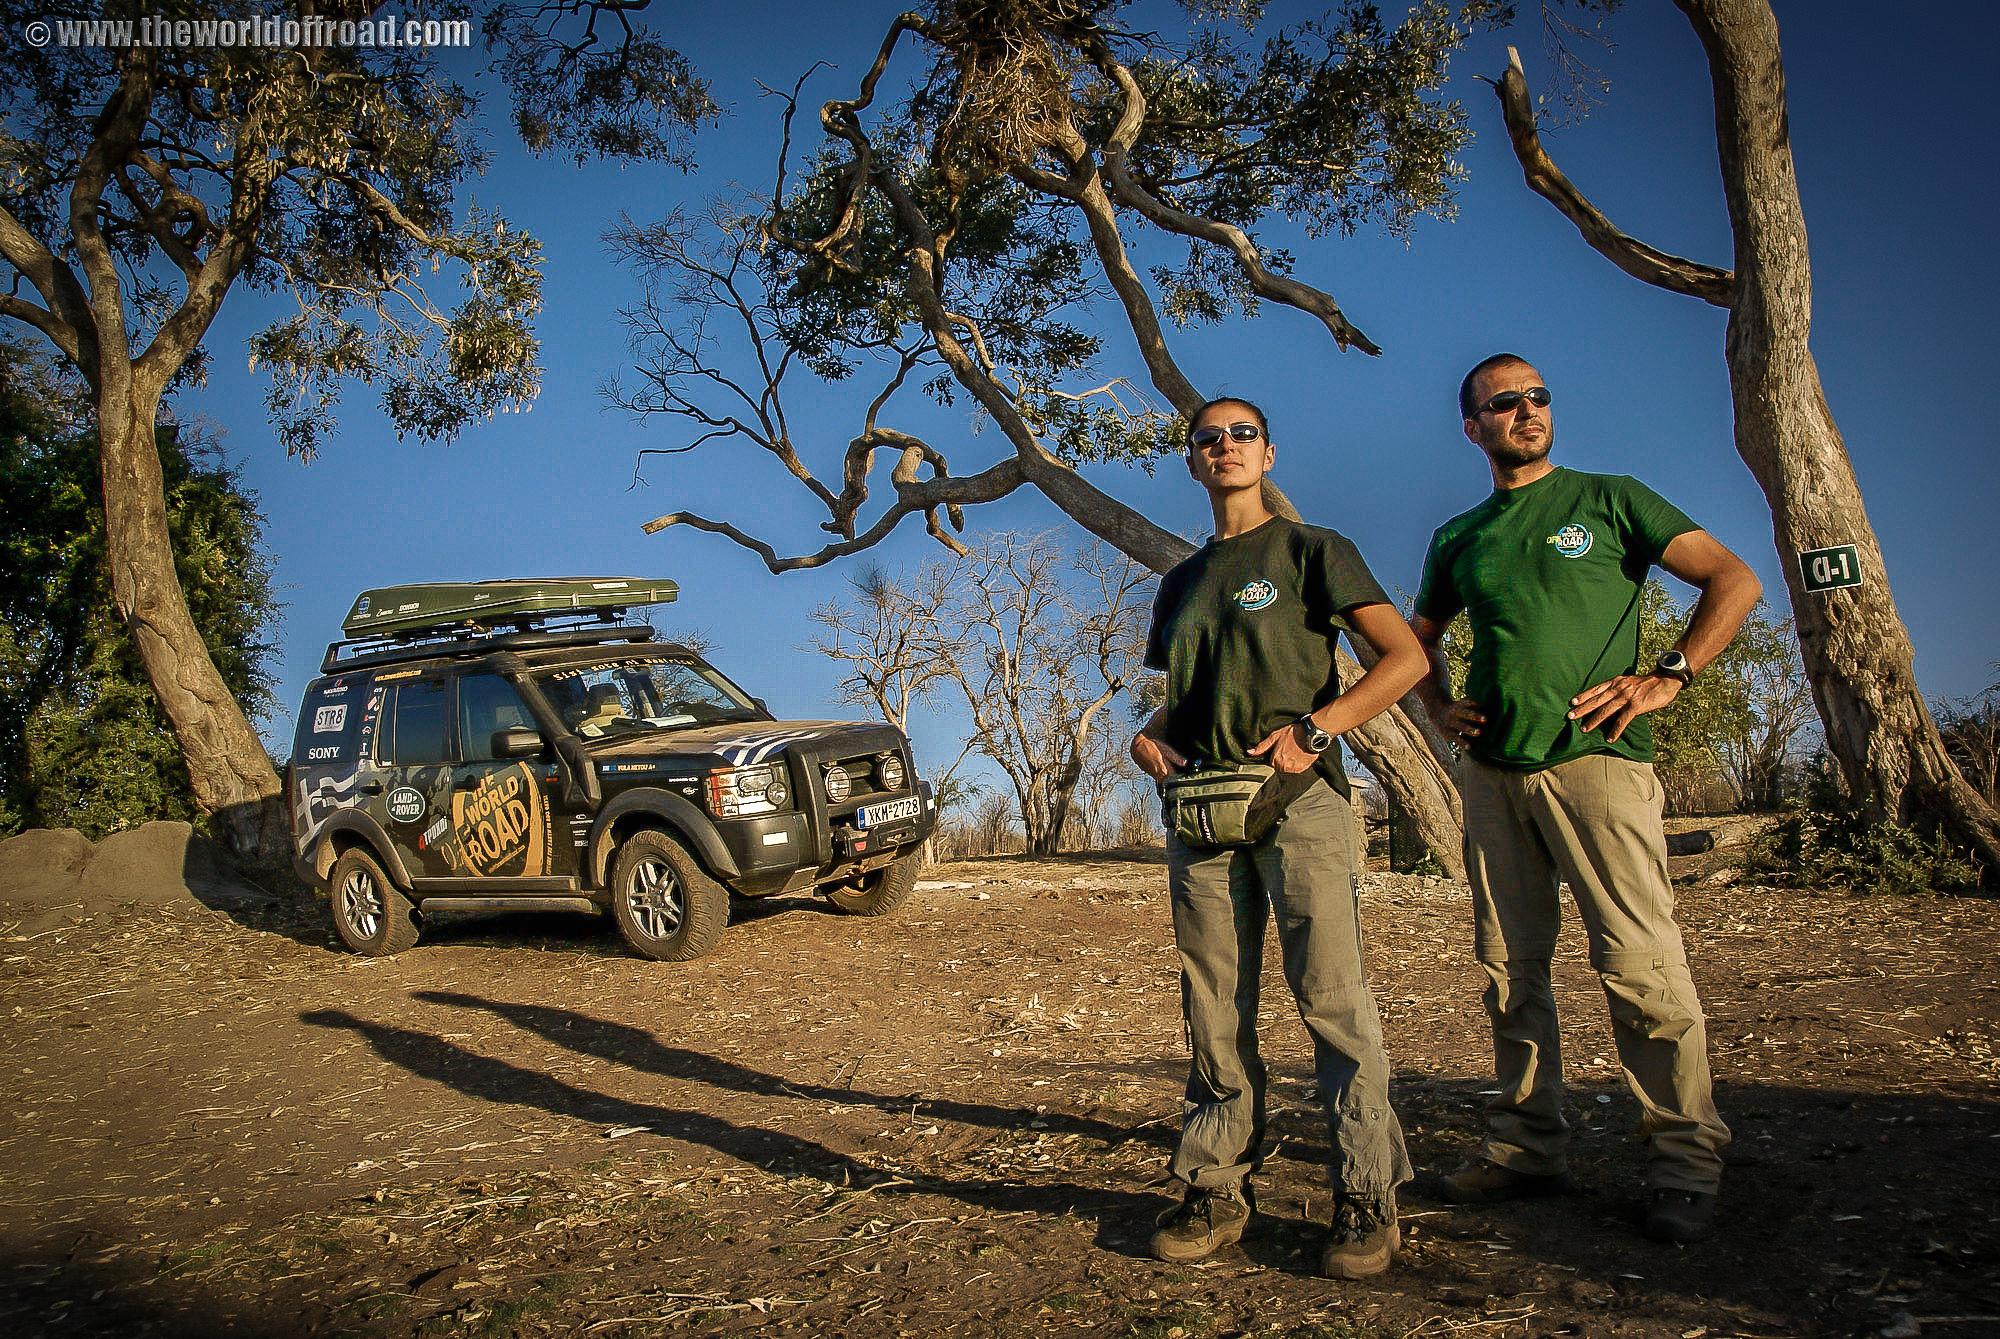 Camping at Chobe park, Botswana